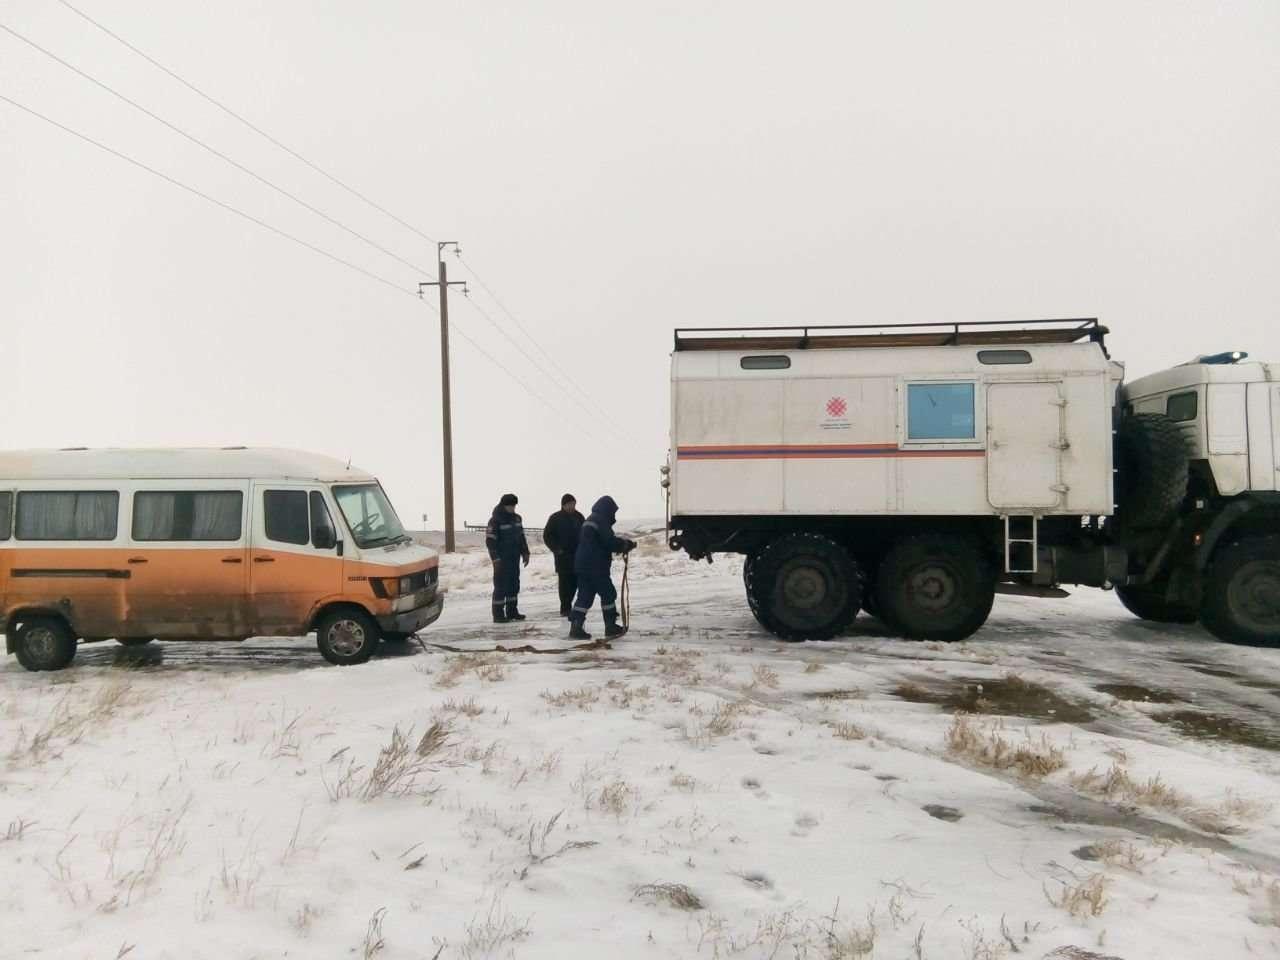 Спасатели оказывают помощь пассажирам автомобилей, оказавшихся в заторе